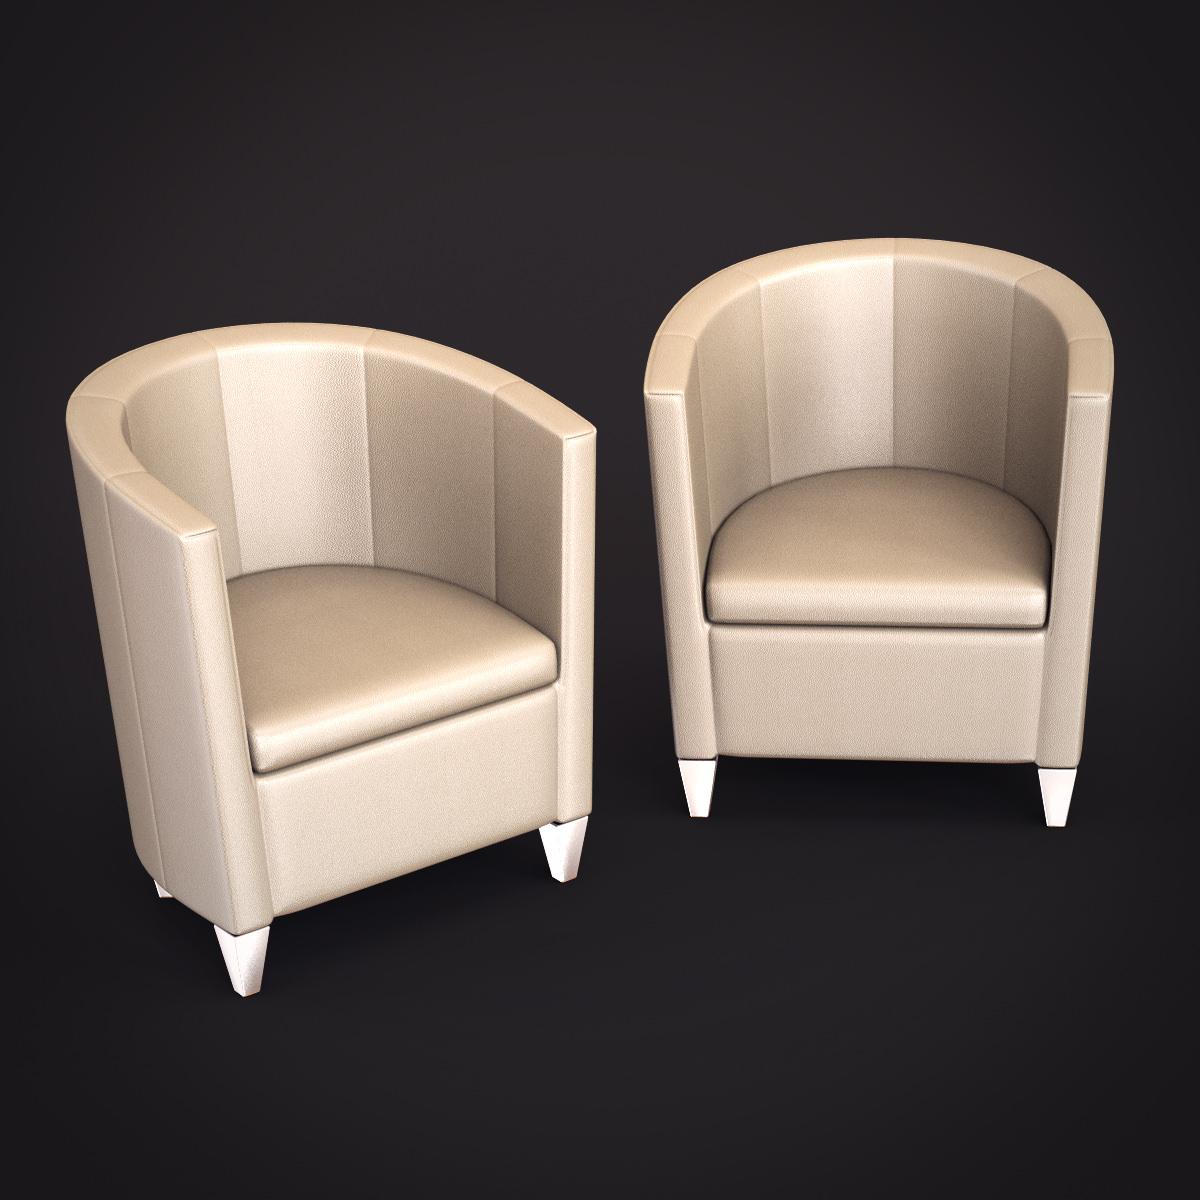 Topdeq john bronco armchair 3d models for Topdeq design